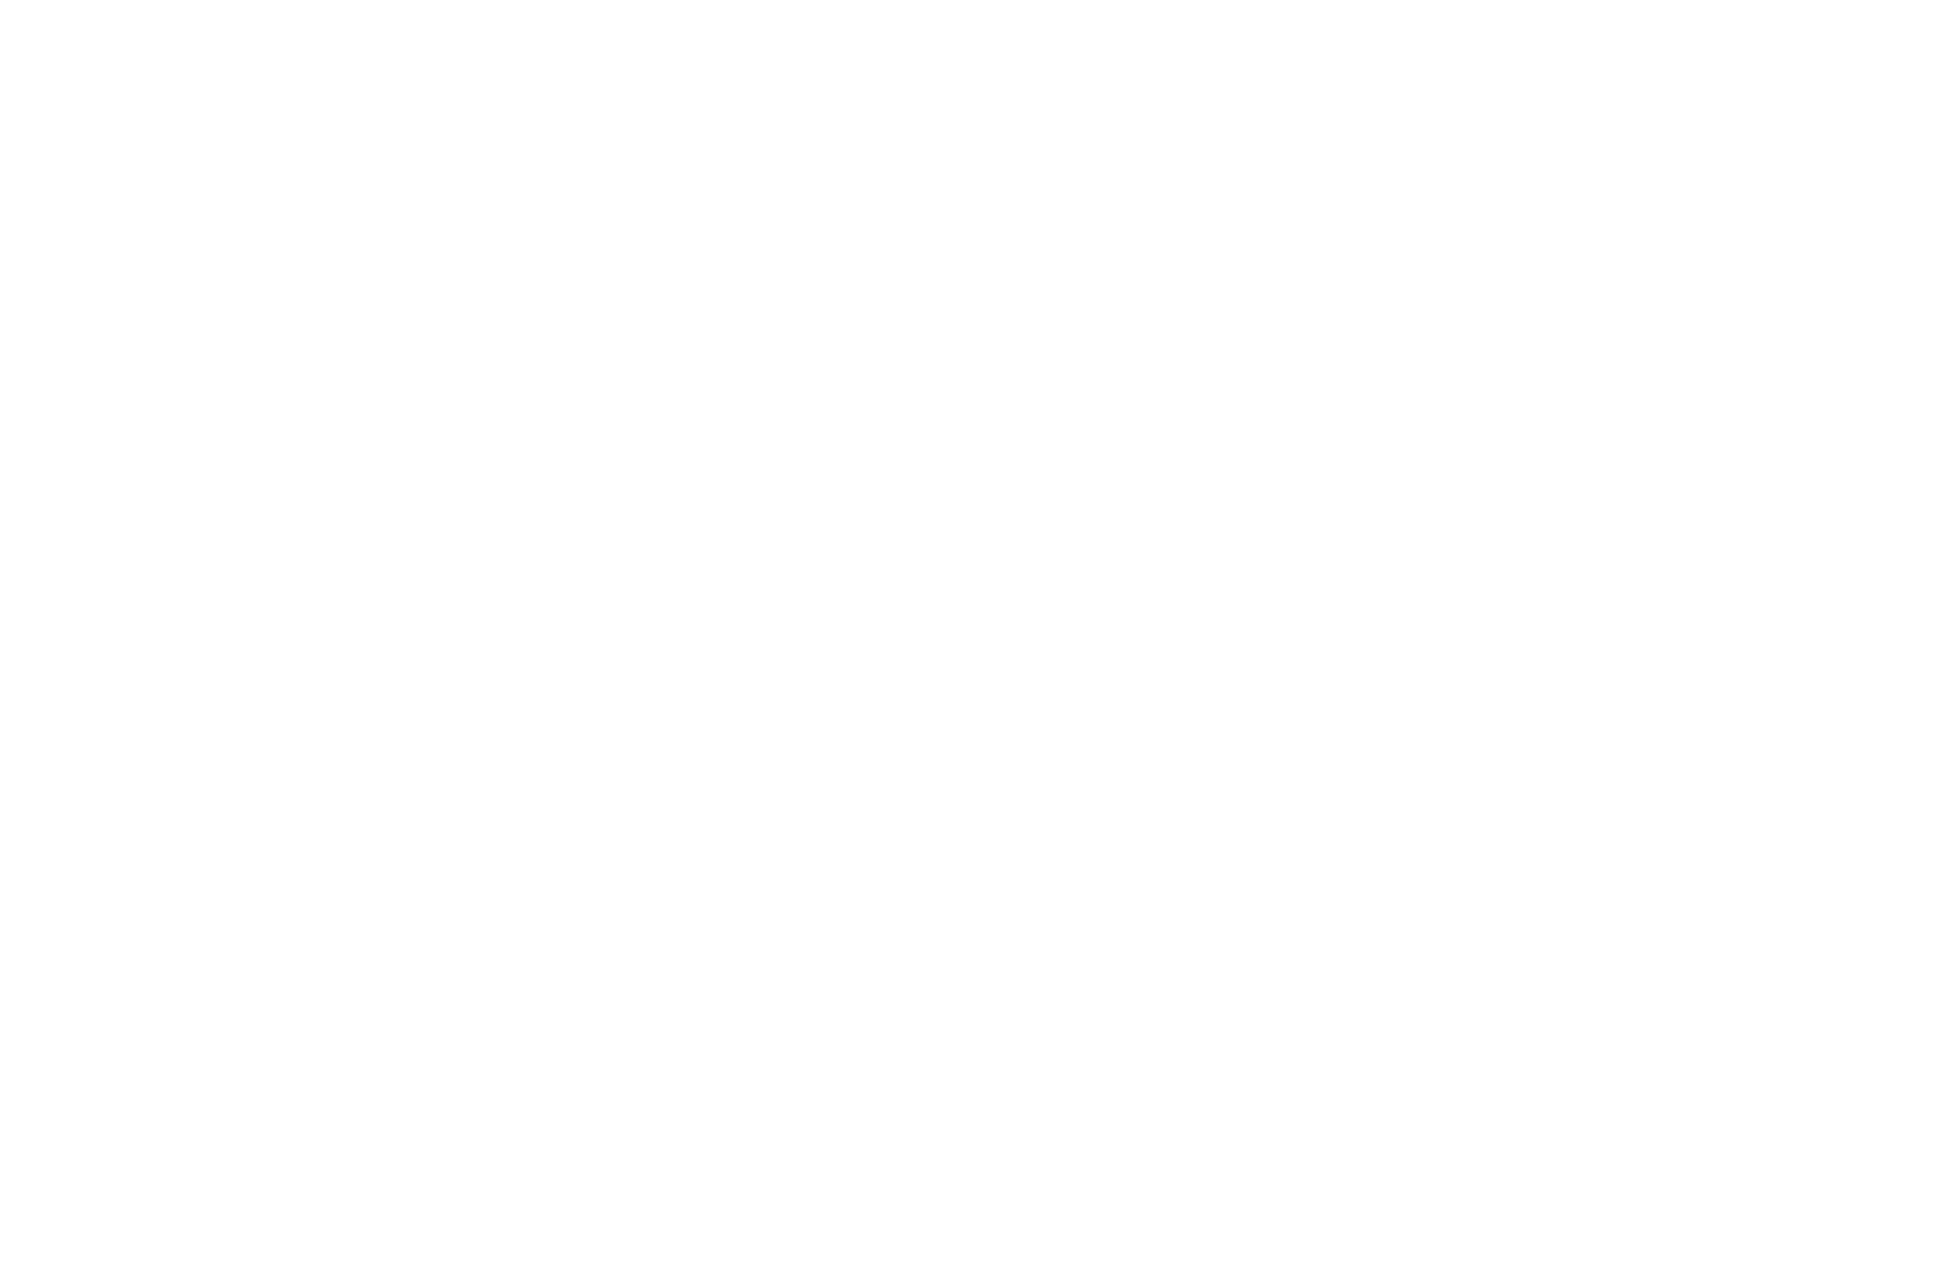 Związek Stowarzyszeń Forum Lubelskich Organizacji Pozarządowych